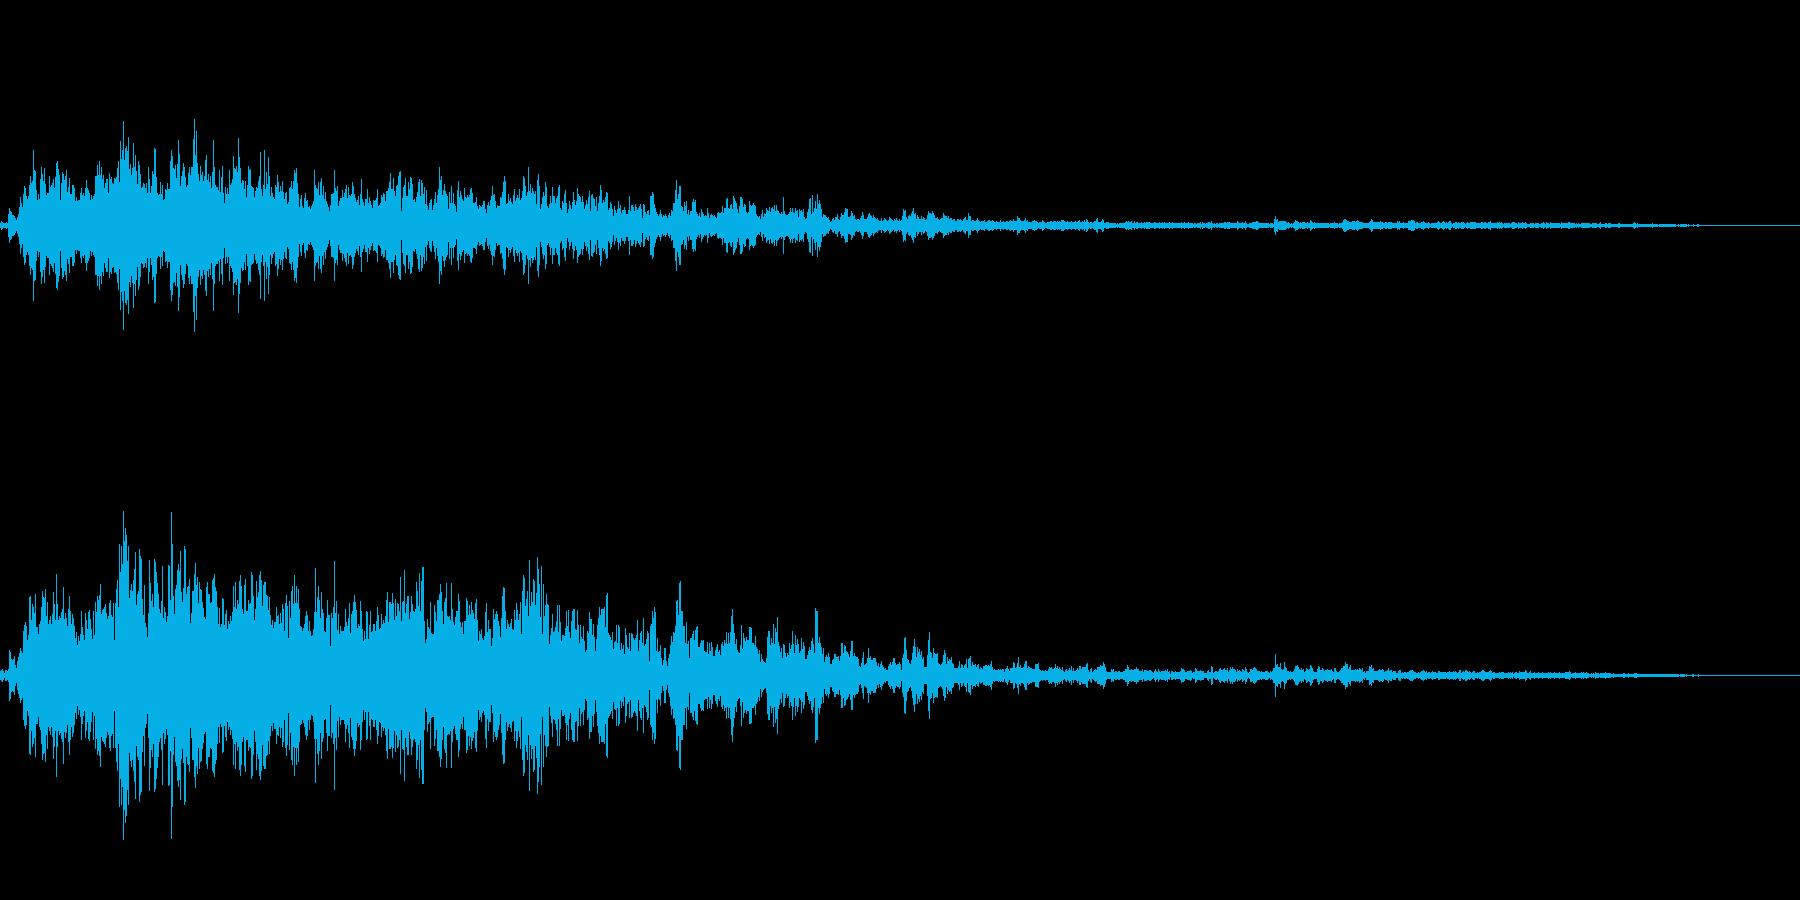 ゴロゴロゴロ(雷の音)の再生済みの波形